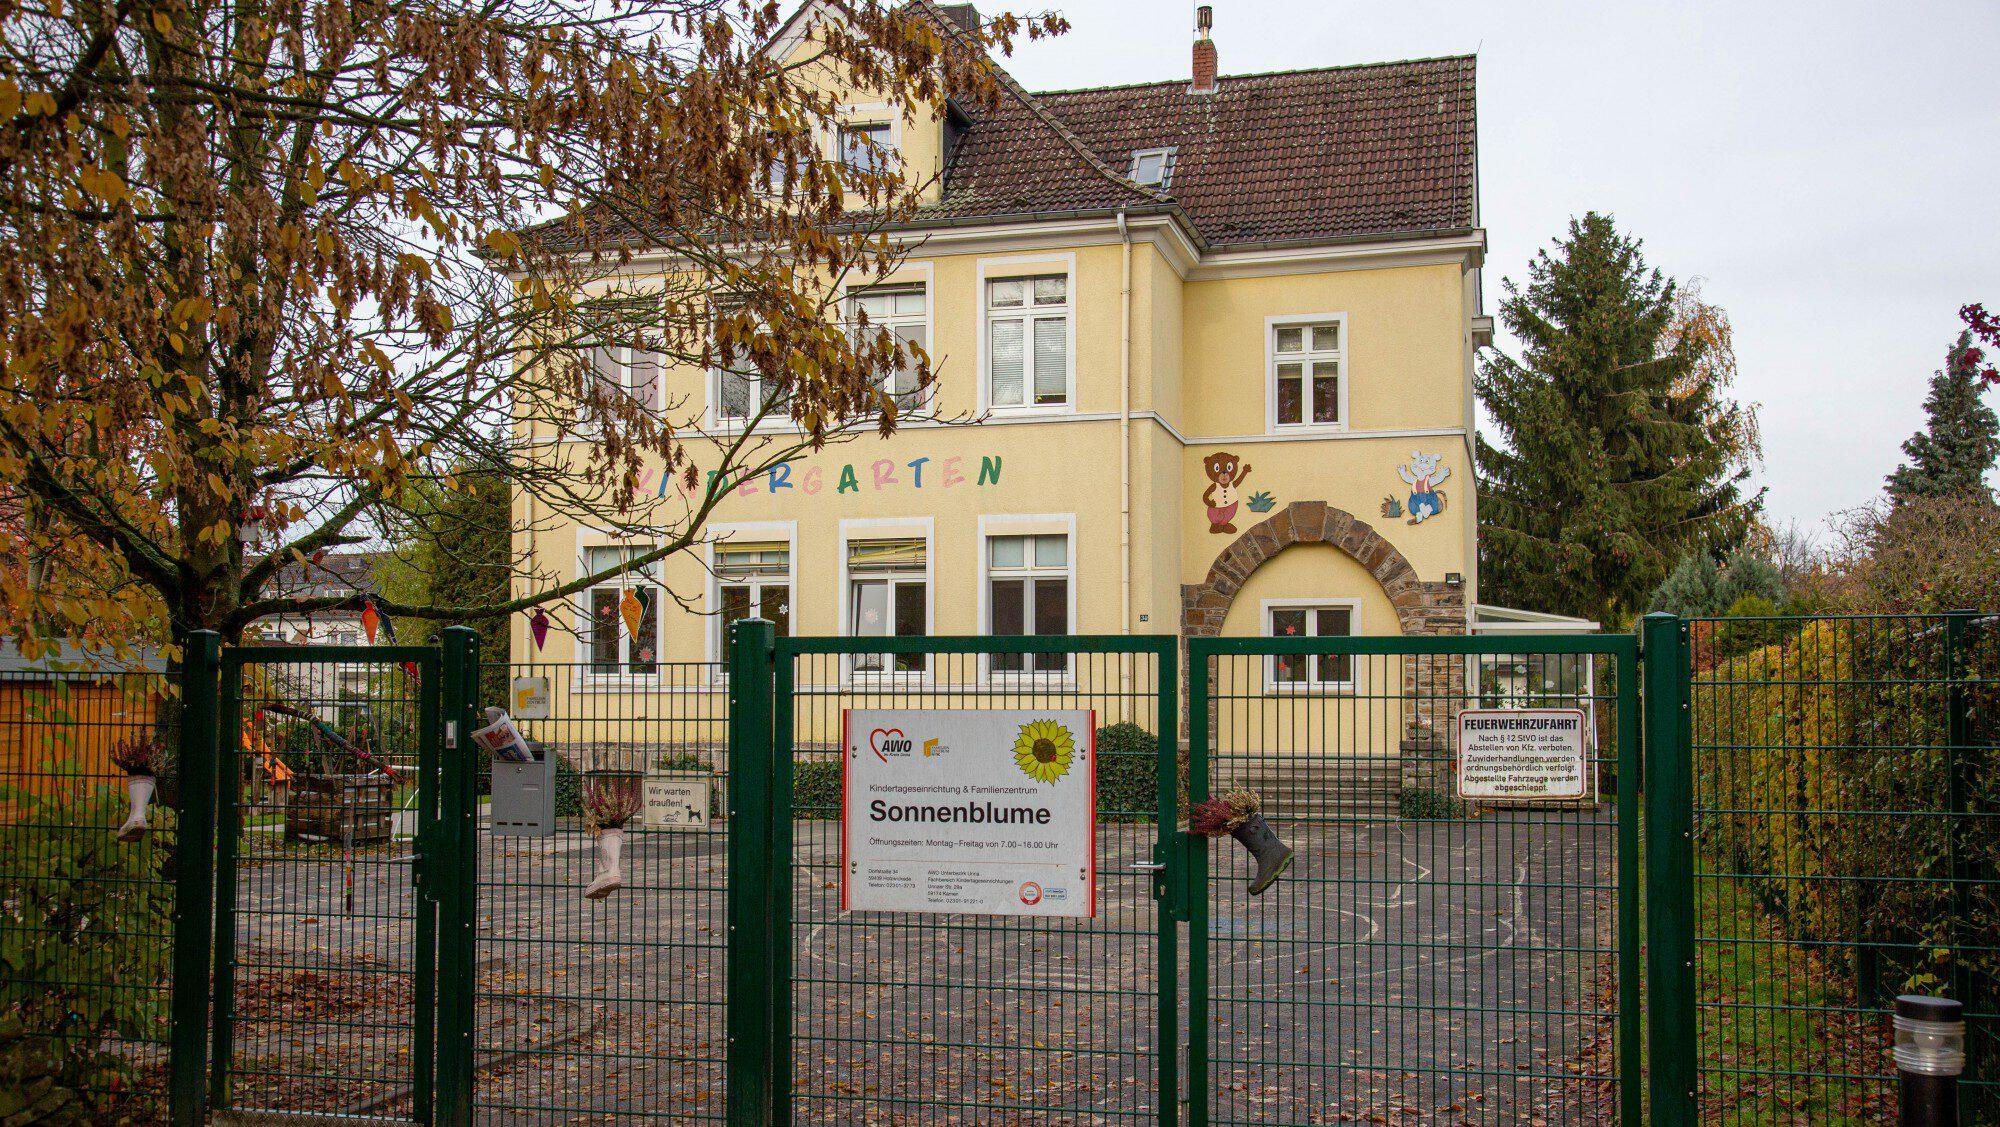 Das Grundstück mit dem ehemaligen Kindergarten der AWO an der Dorfstraße ist inzwischen verkauft worden. Die UKBS will darauf 30 bis 36 moderne, altengerechte Mietwohnungen mit ambulanten Servicemöglichkeiten errichten. (Foto: P. Gräber - Emscherblog.de)